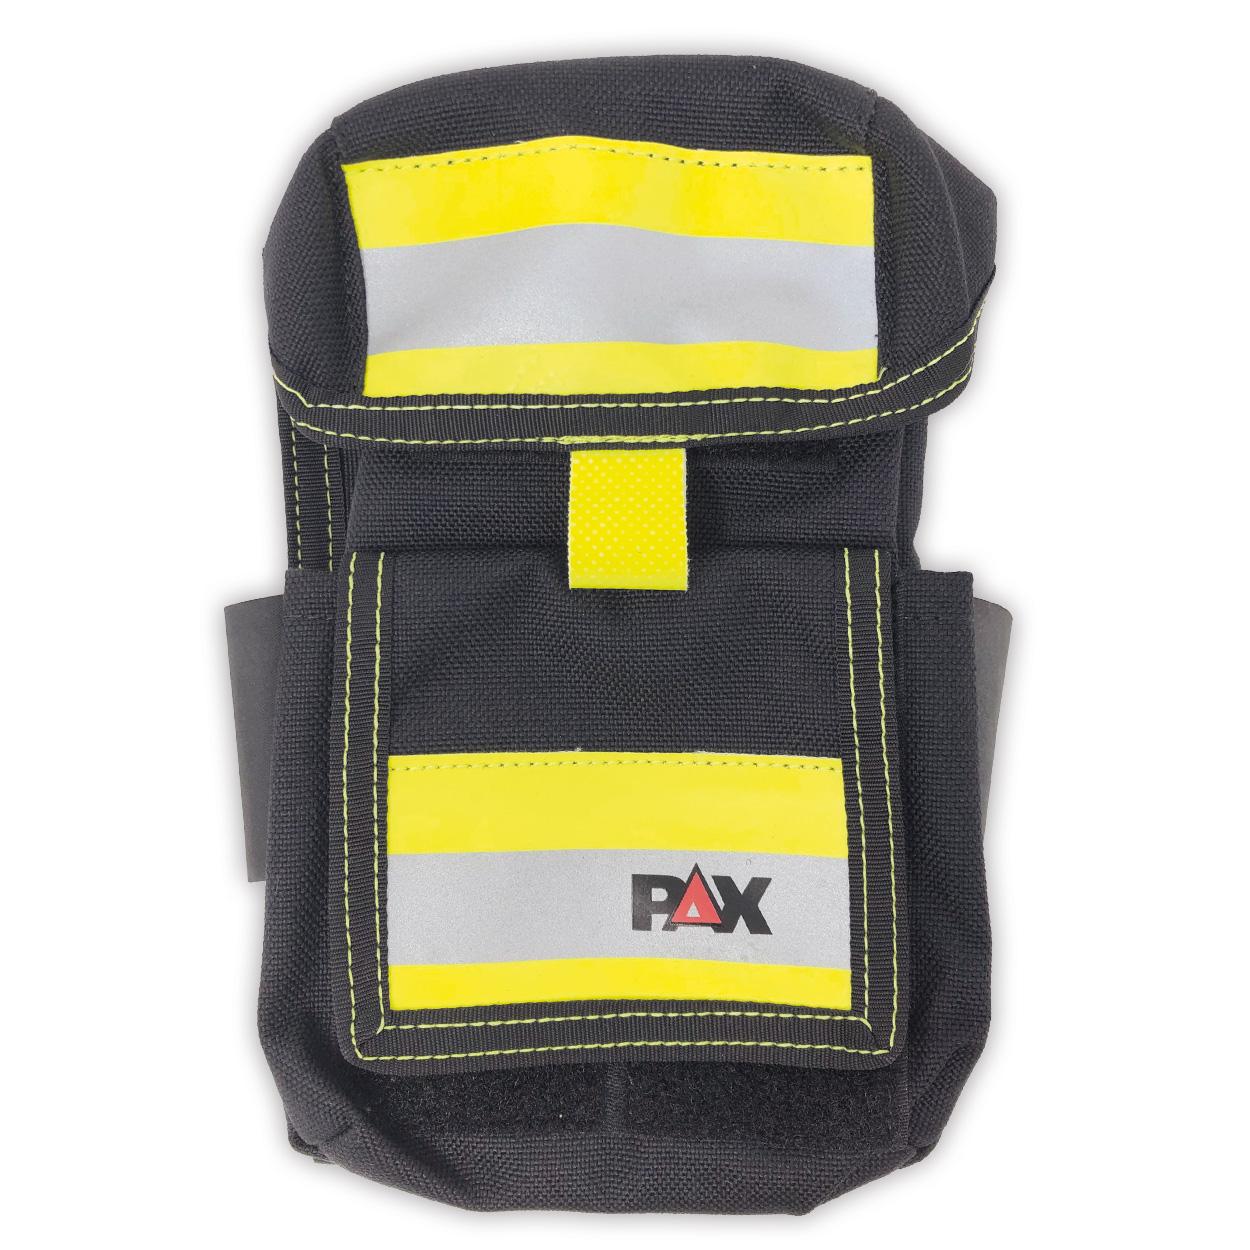 Ausrüstungsholster Mechernich firePax Dura in schwarz